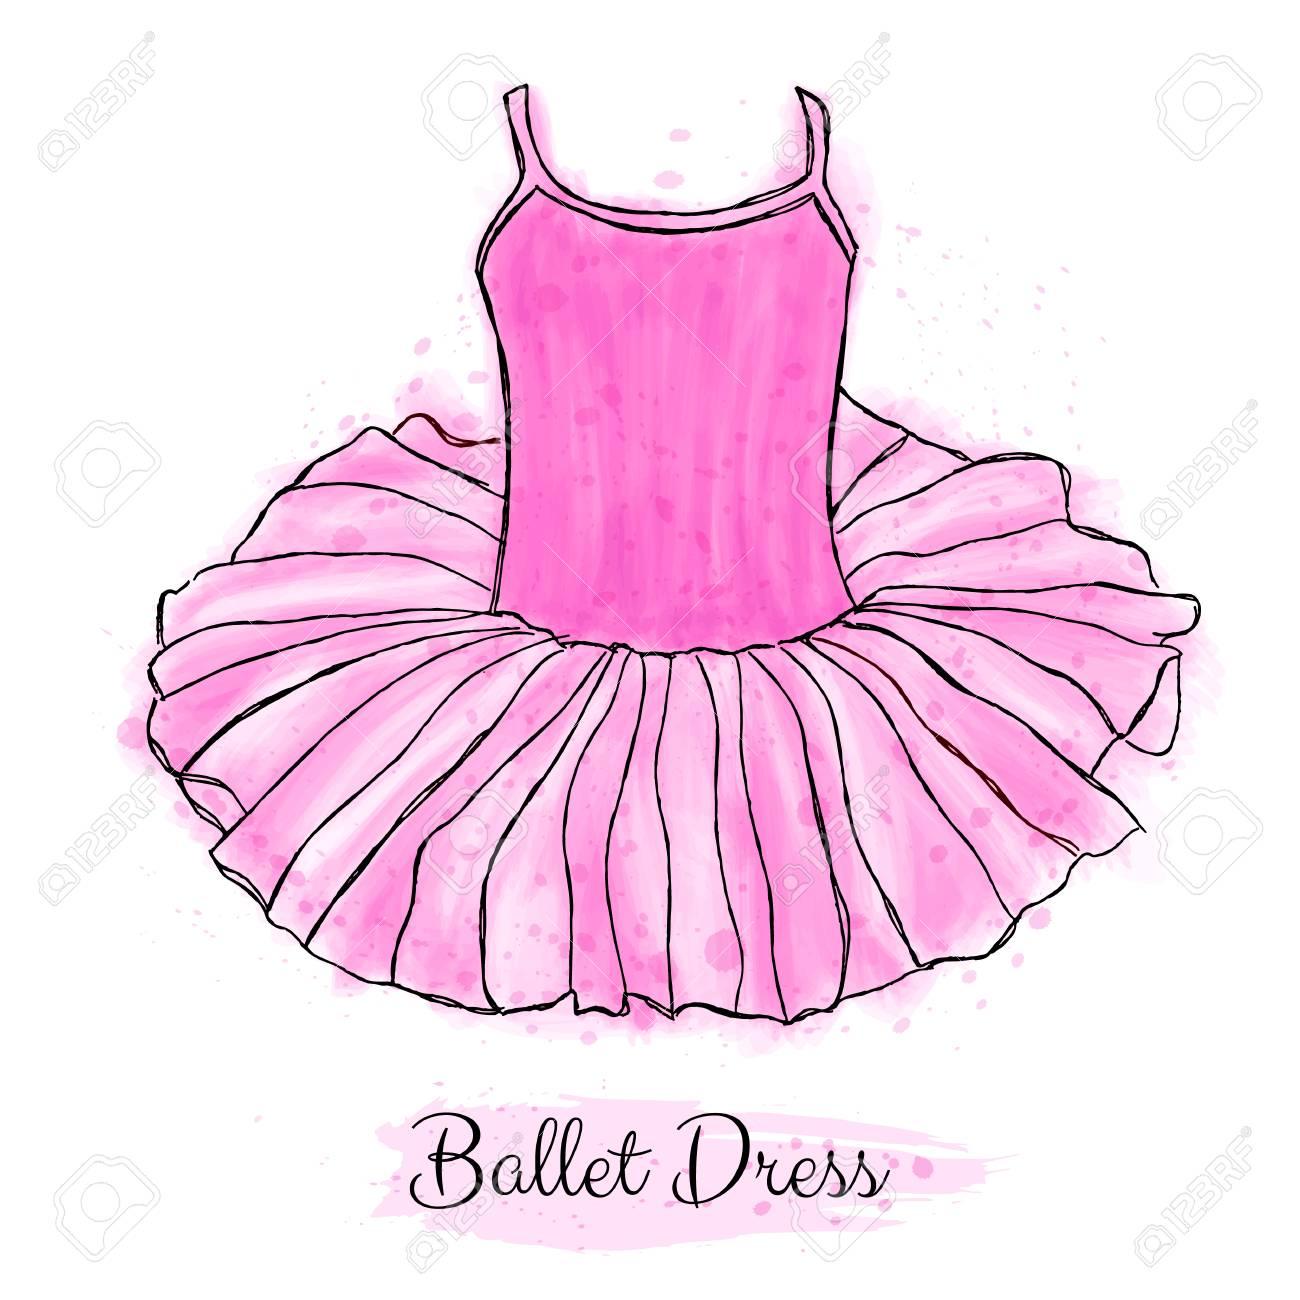 pink ballerina tutu dress